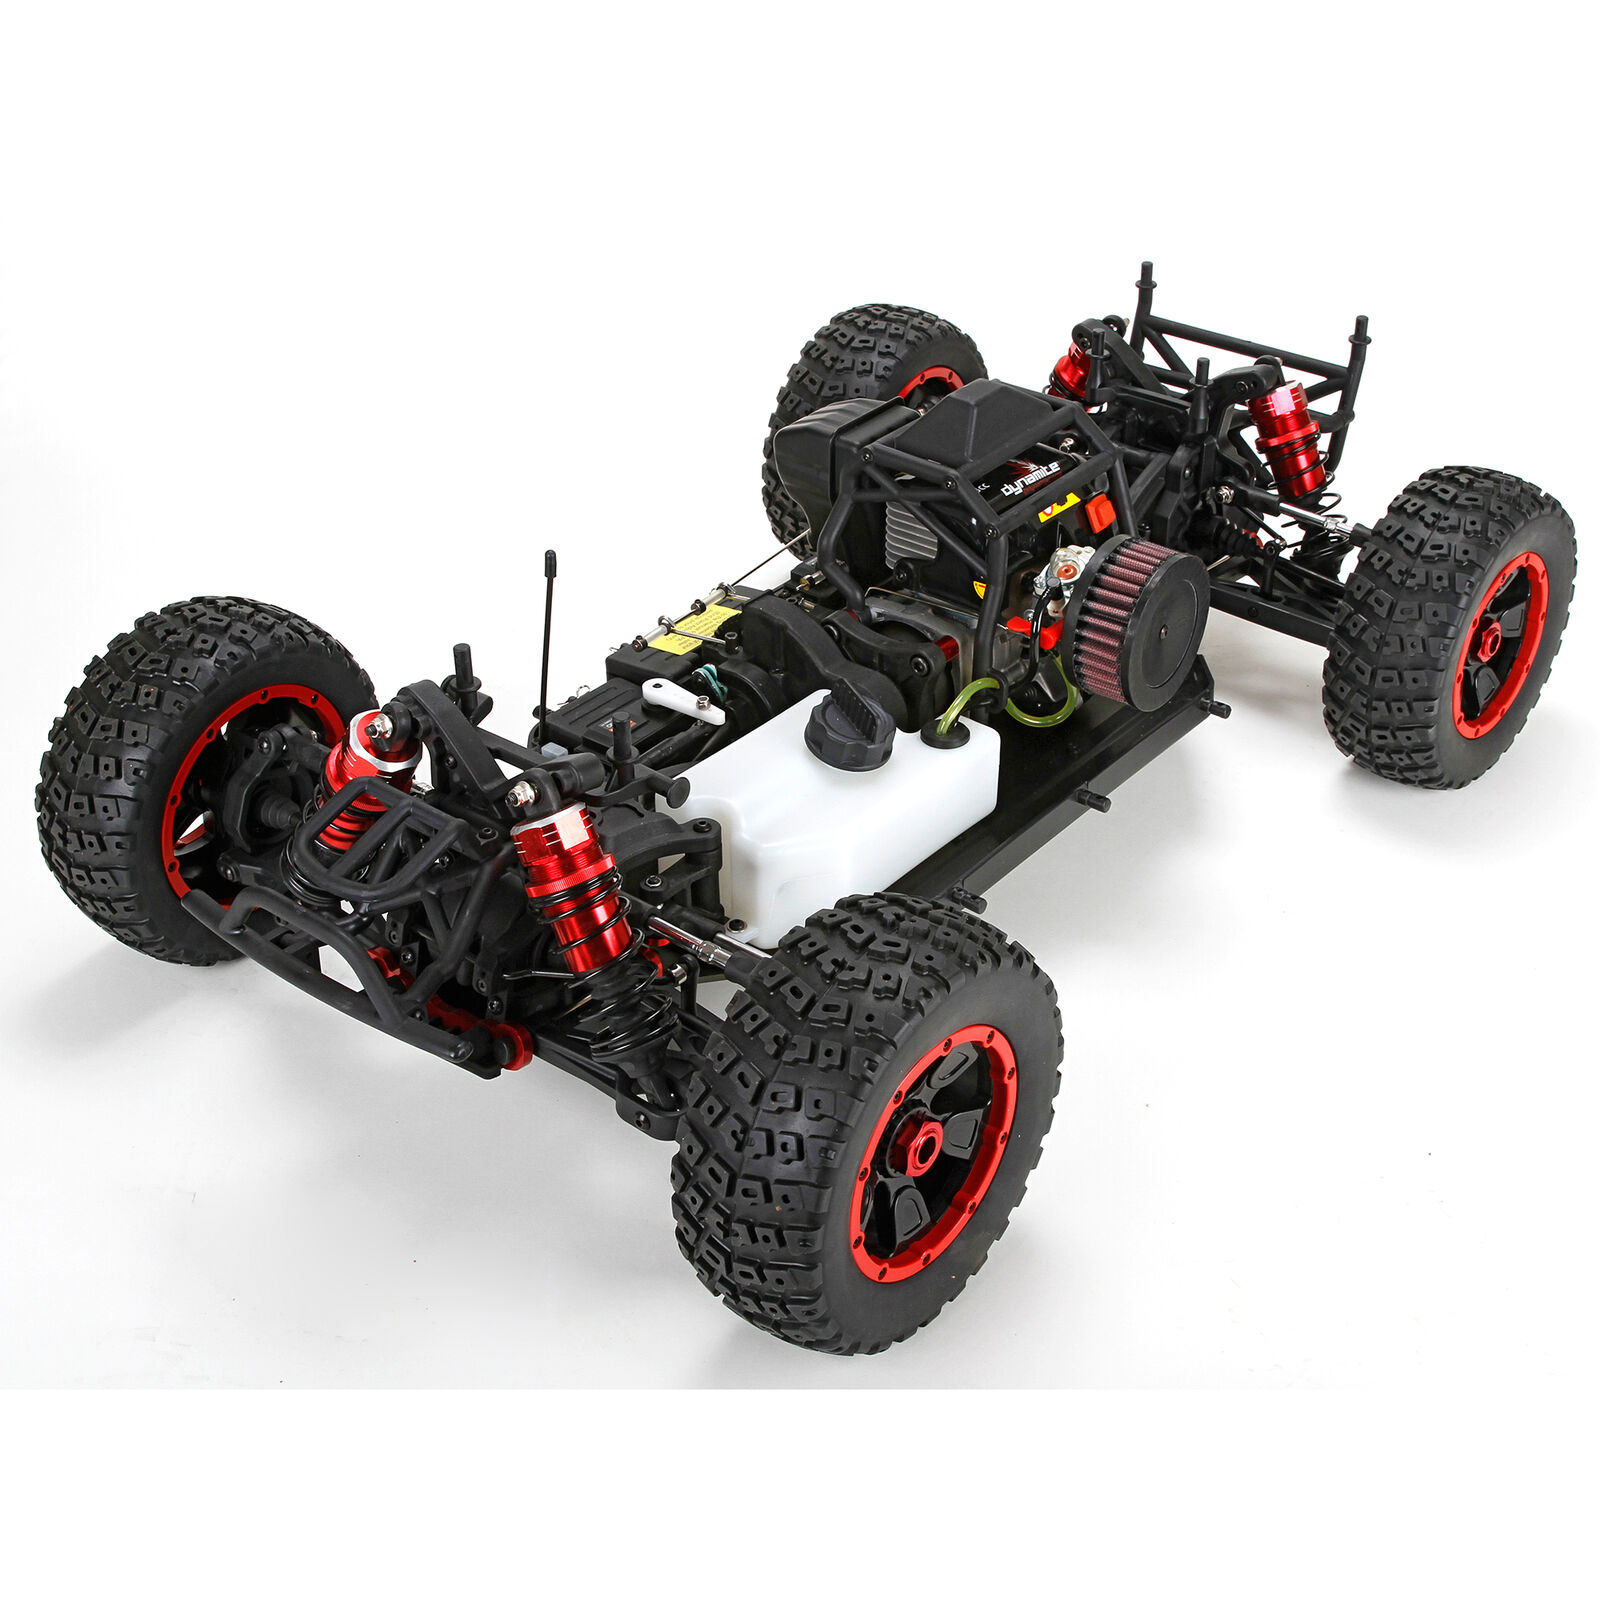 1/5 K&N DBXL 4WD Buggy Gas RTR